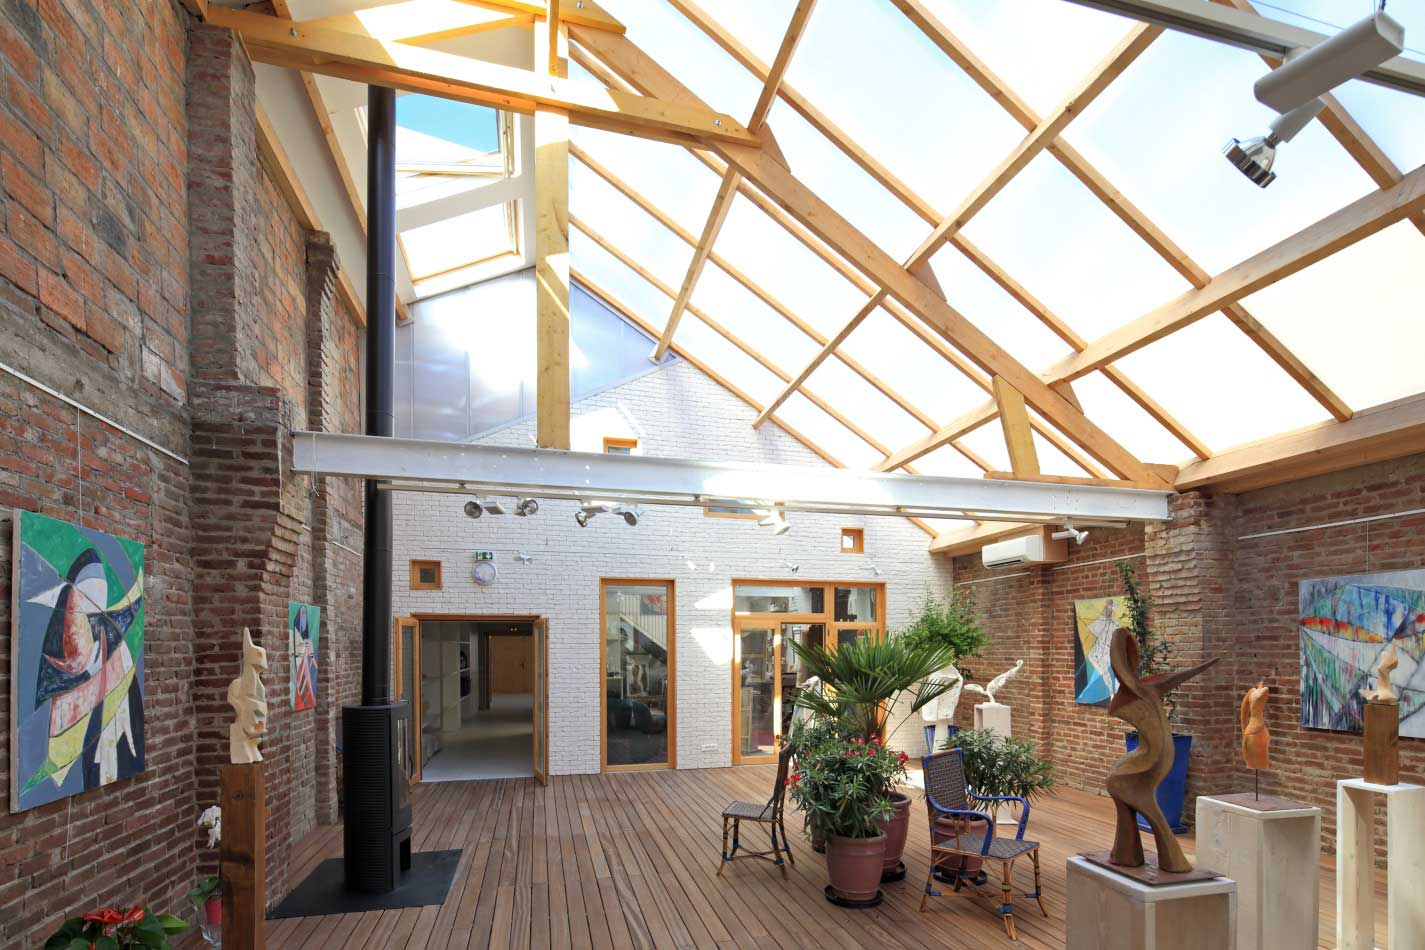 Ateliers D Artistes Par T Design Architecture